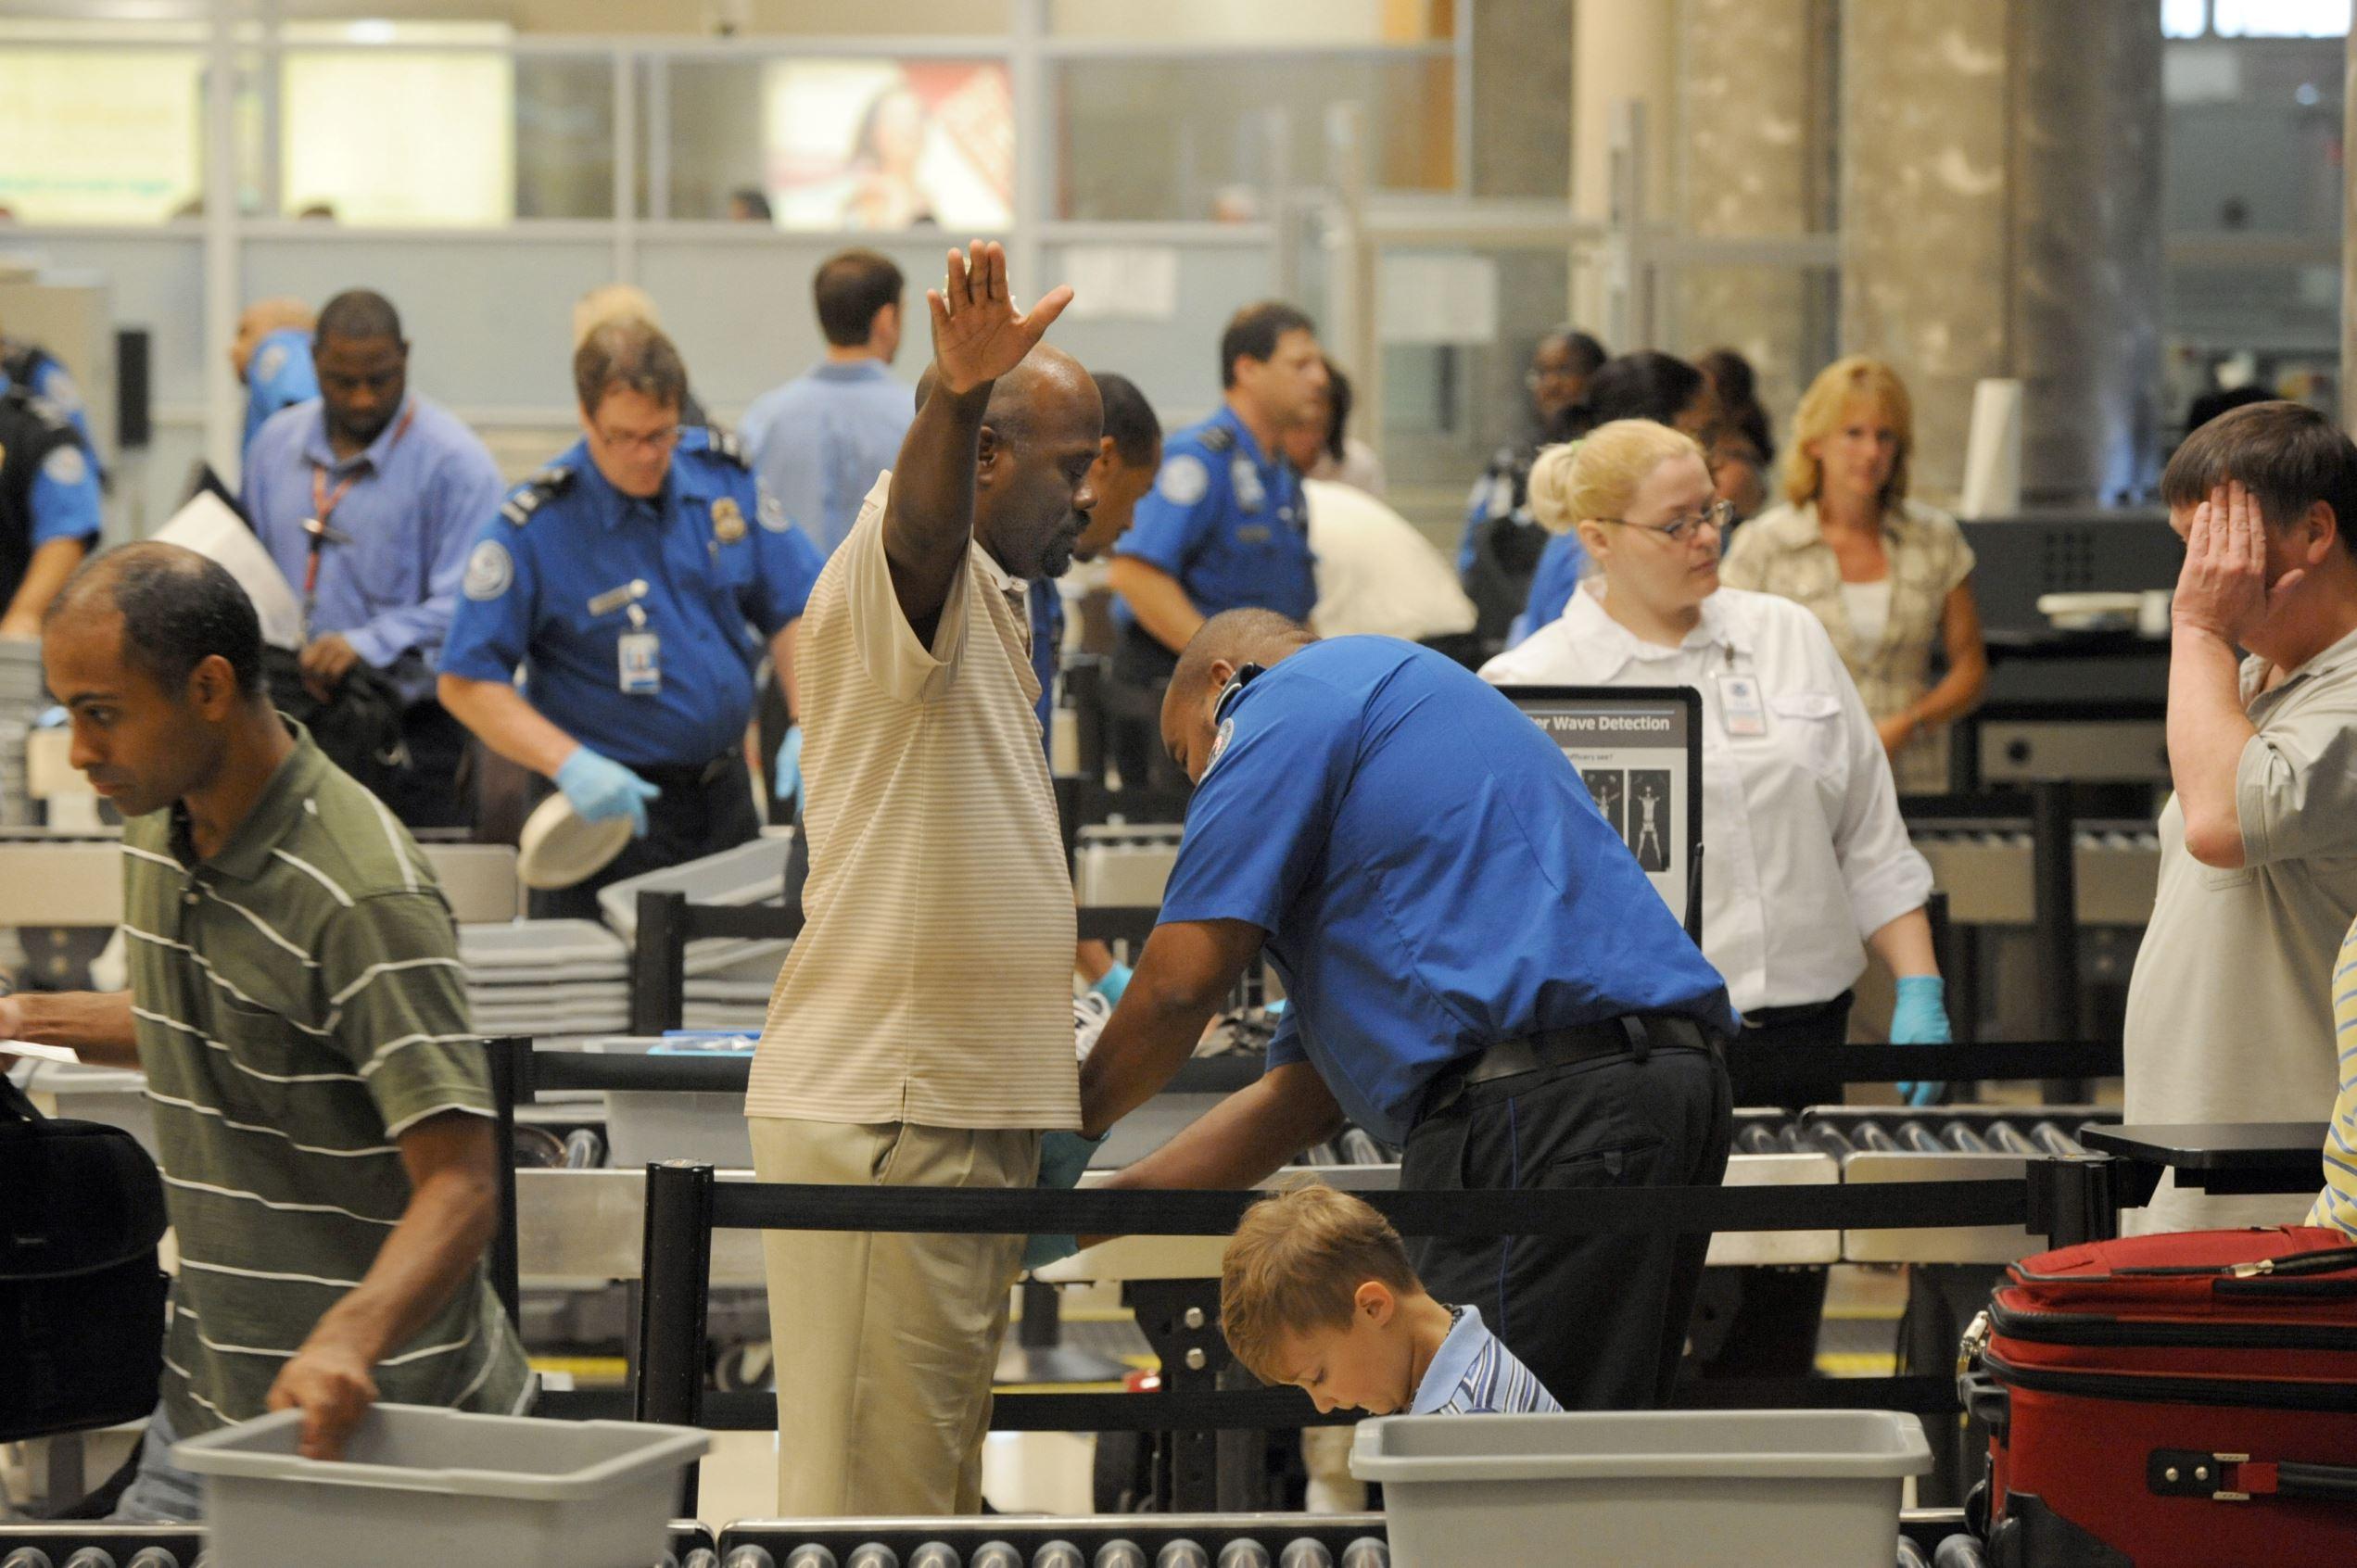 Passengers at a TSA security checkpoint at Hartsfield-Jackson Atlanta International Airport, August 3, 2011 in Atlanta.